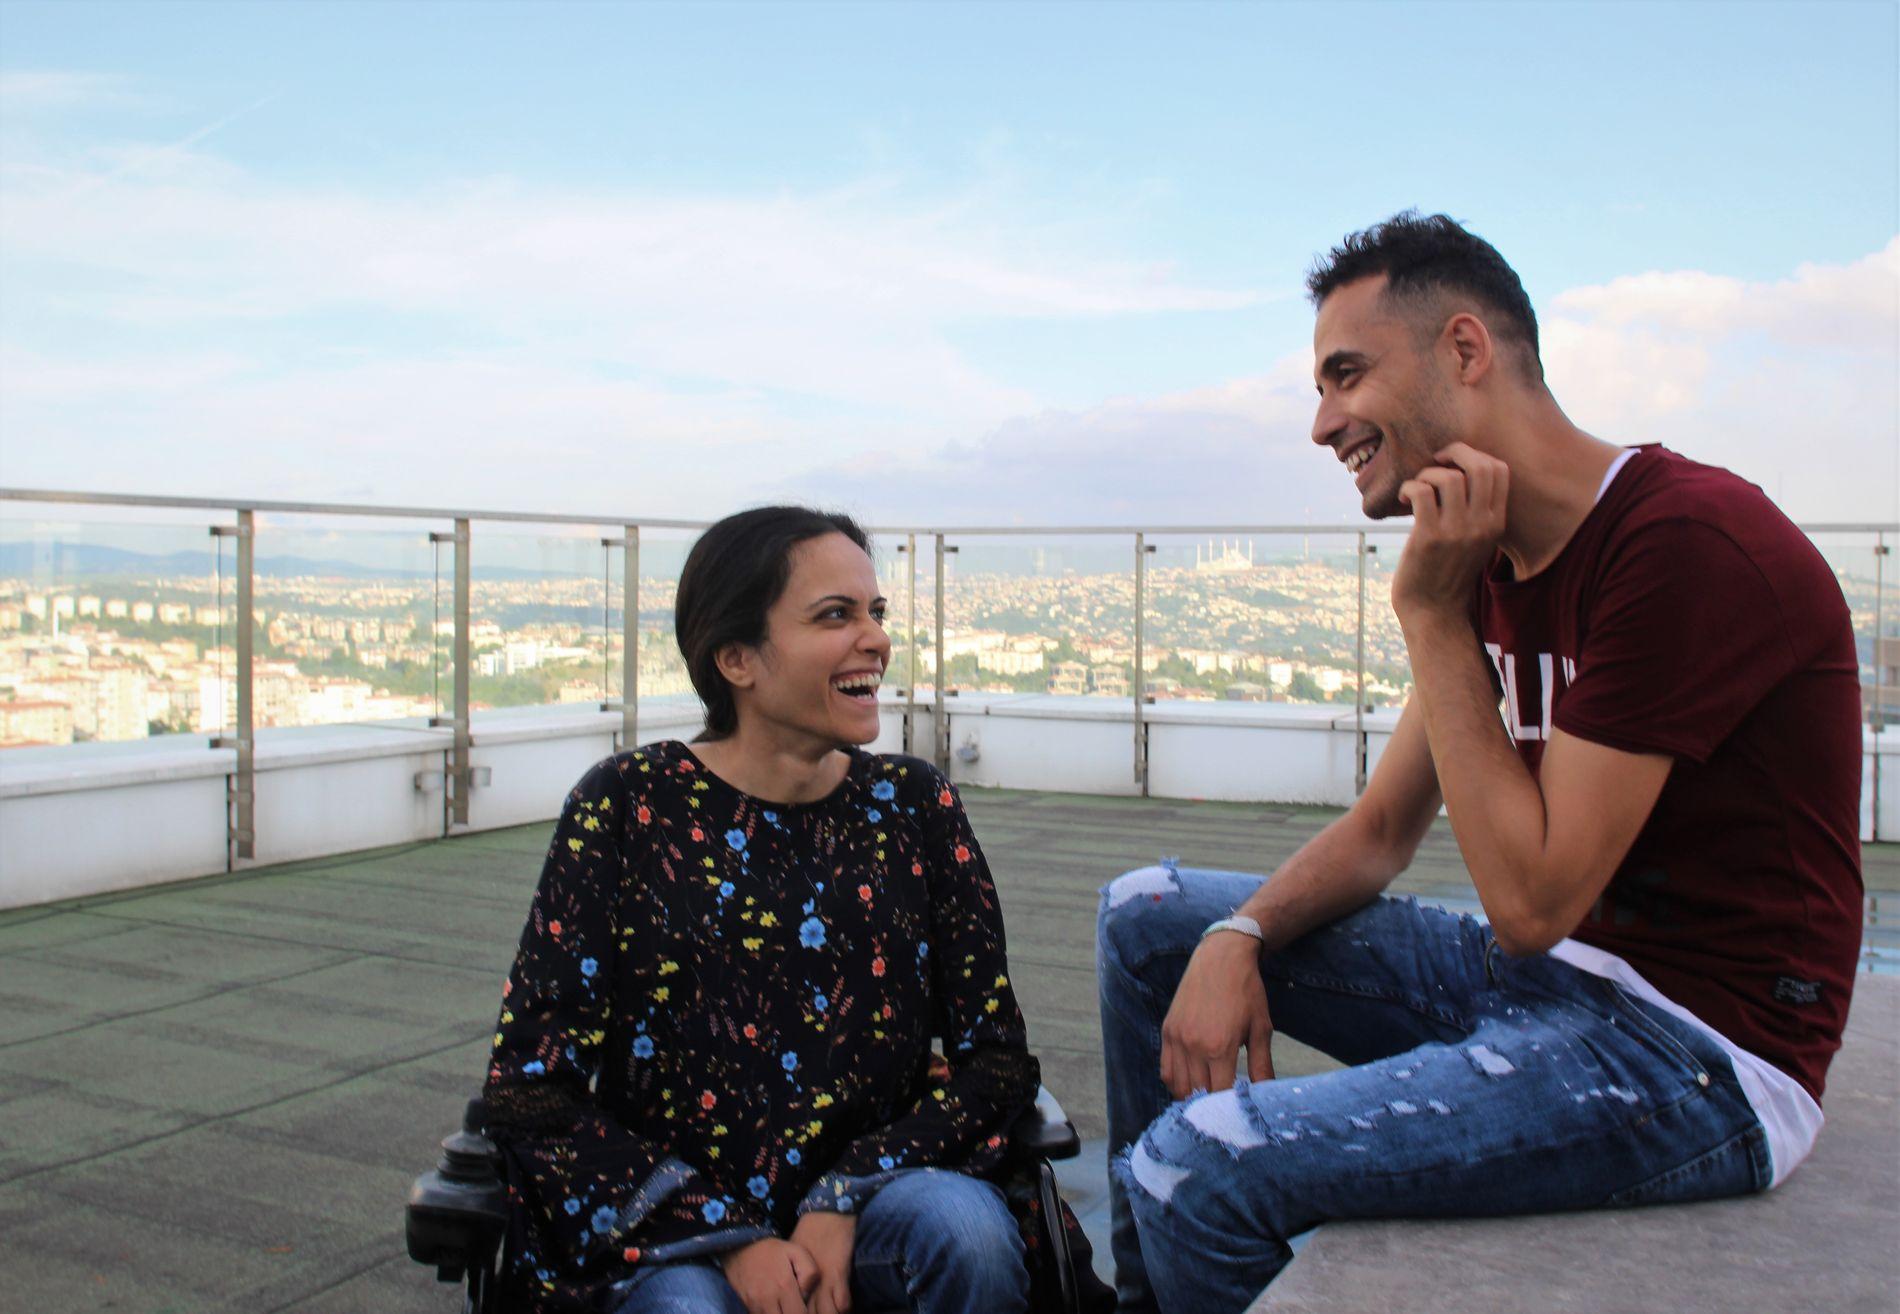 MED BROREN: Noor og Ahmad snakker om hvordan de tror det blir i Canada, på taket av et hotell i Istanbul. – Kanskje jeg treffer statsminister Justin Trudeau, han er så kjekk, bare synd at han er gift, sier Noor.